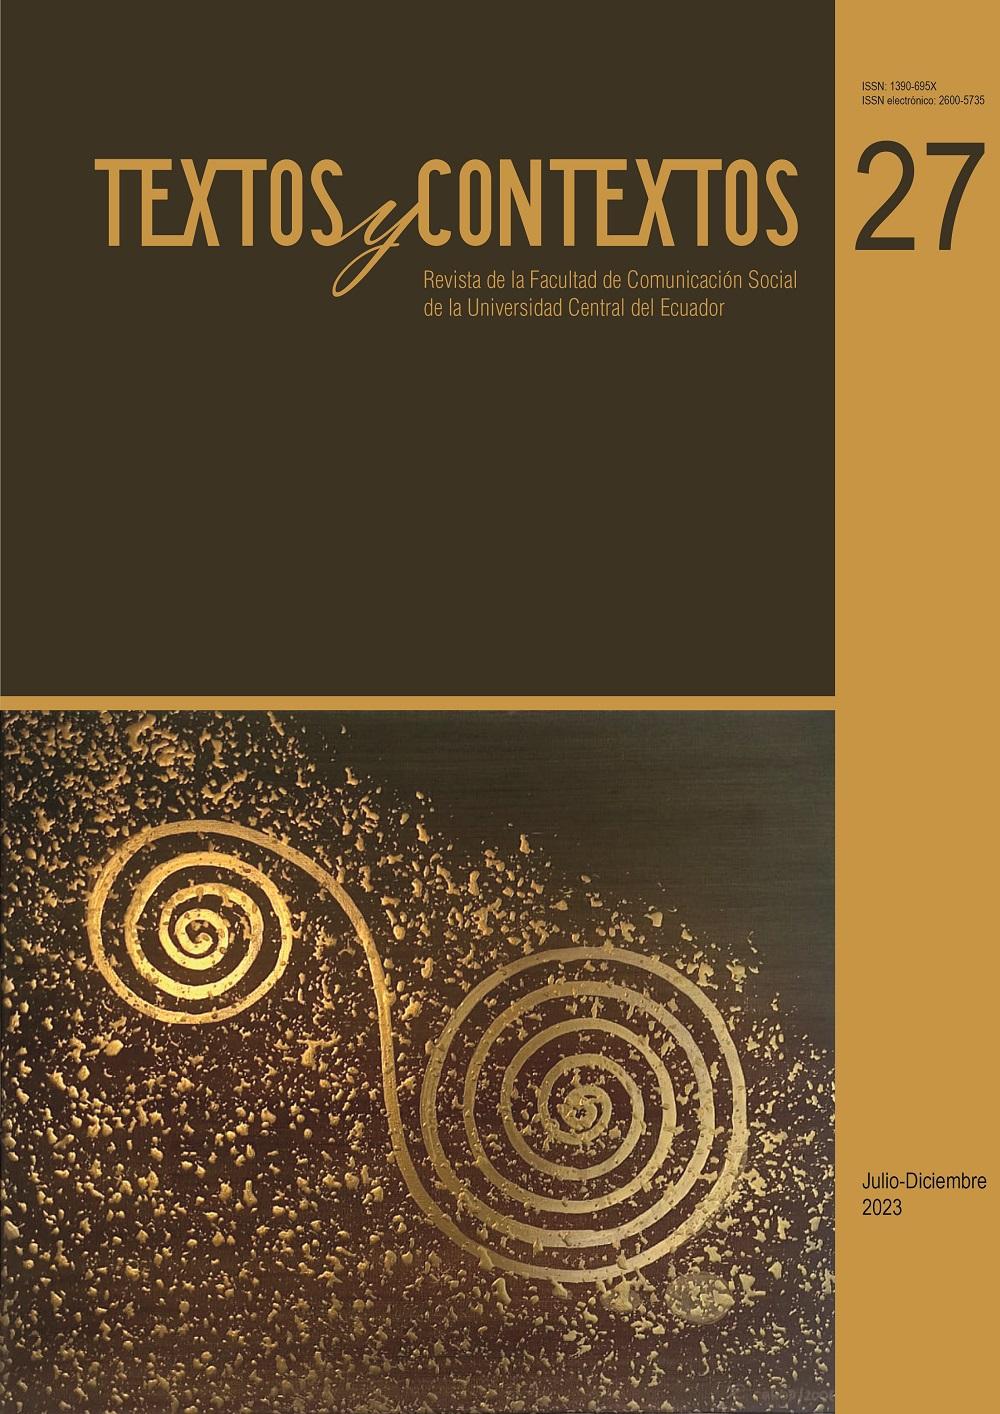 Nº 18 Textos y contextos